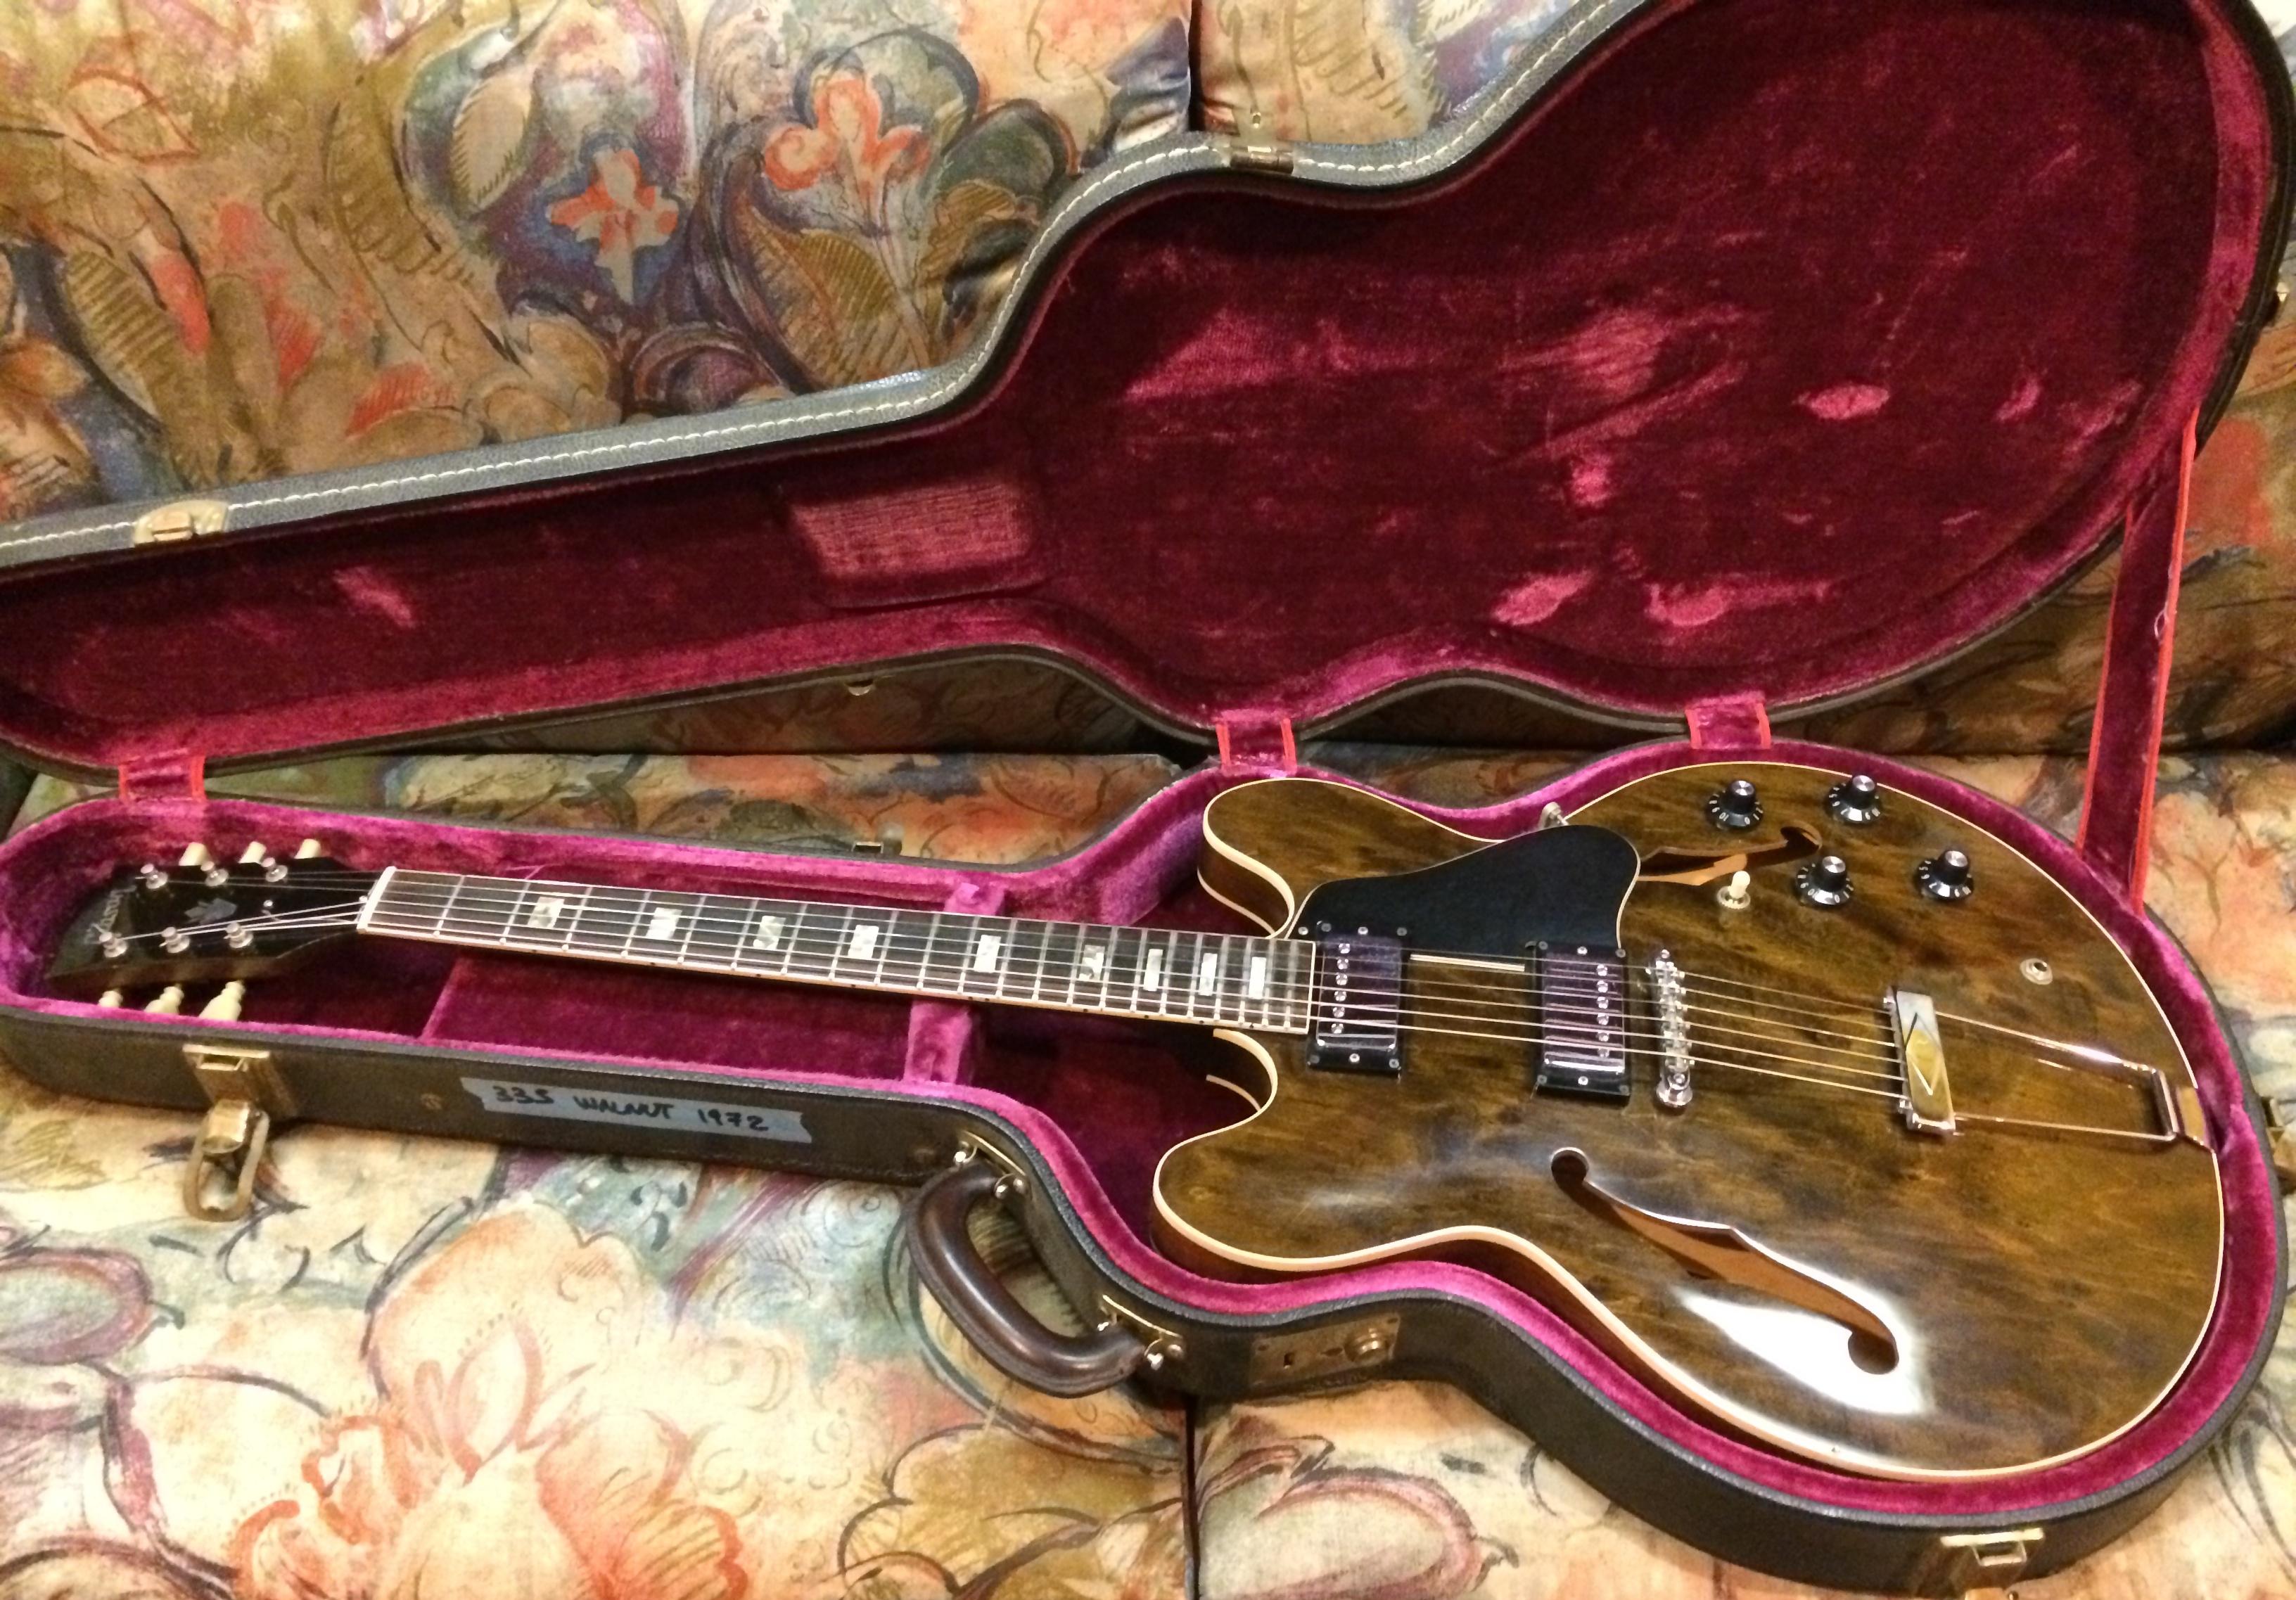 gibson es 335 1972 walnut guitar for sale. Black Bedroom Furniture Sets. Home Design Ideas